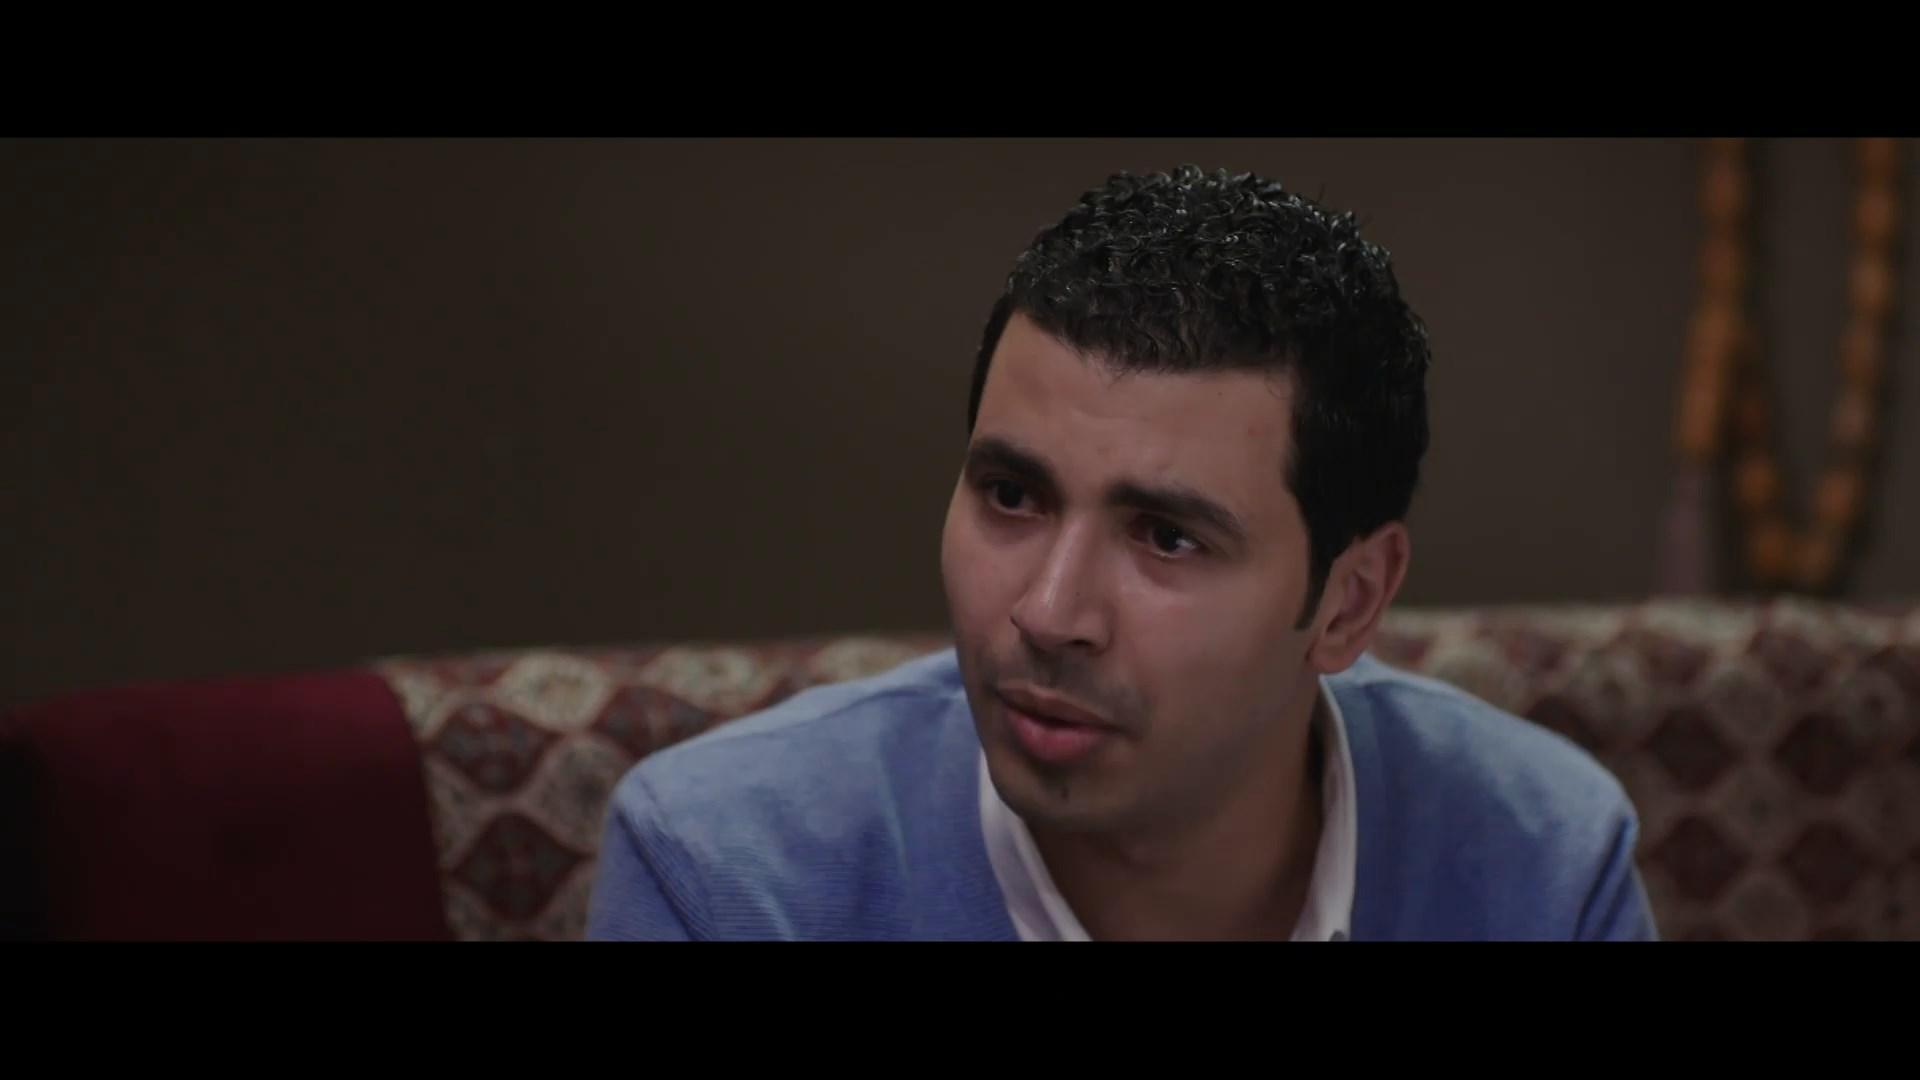 مسلسل قوت القلوب الجزء الثاني الحلقة الثالثة عشر (2020) 1080p تحميل تورنت 3 arabp2p.com